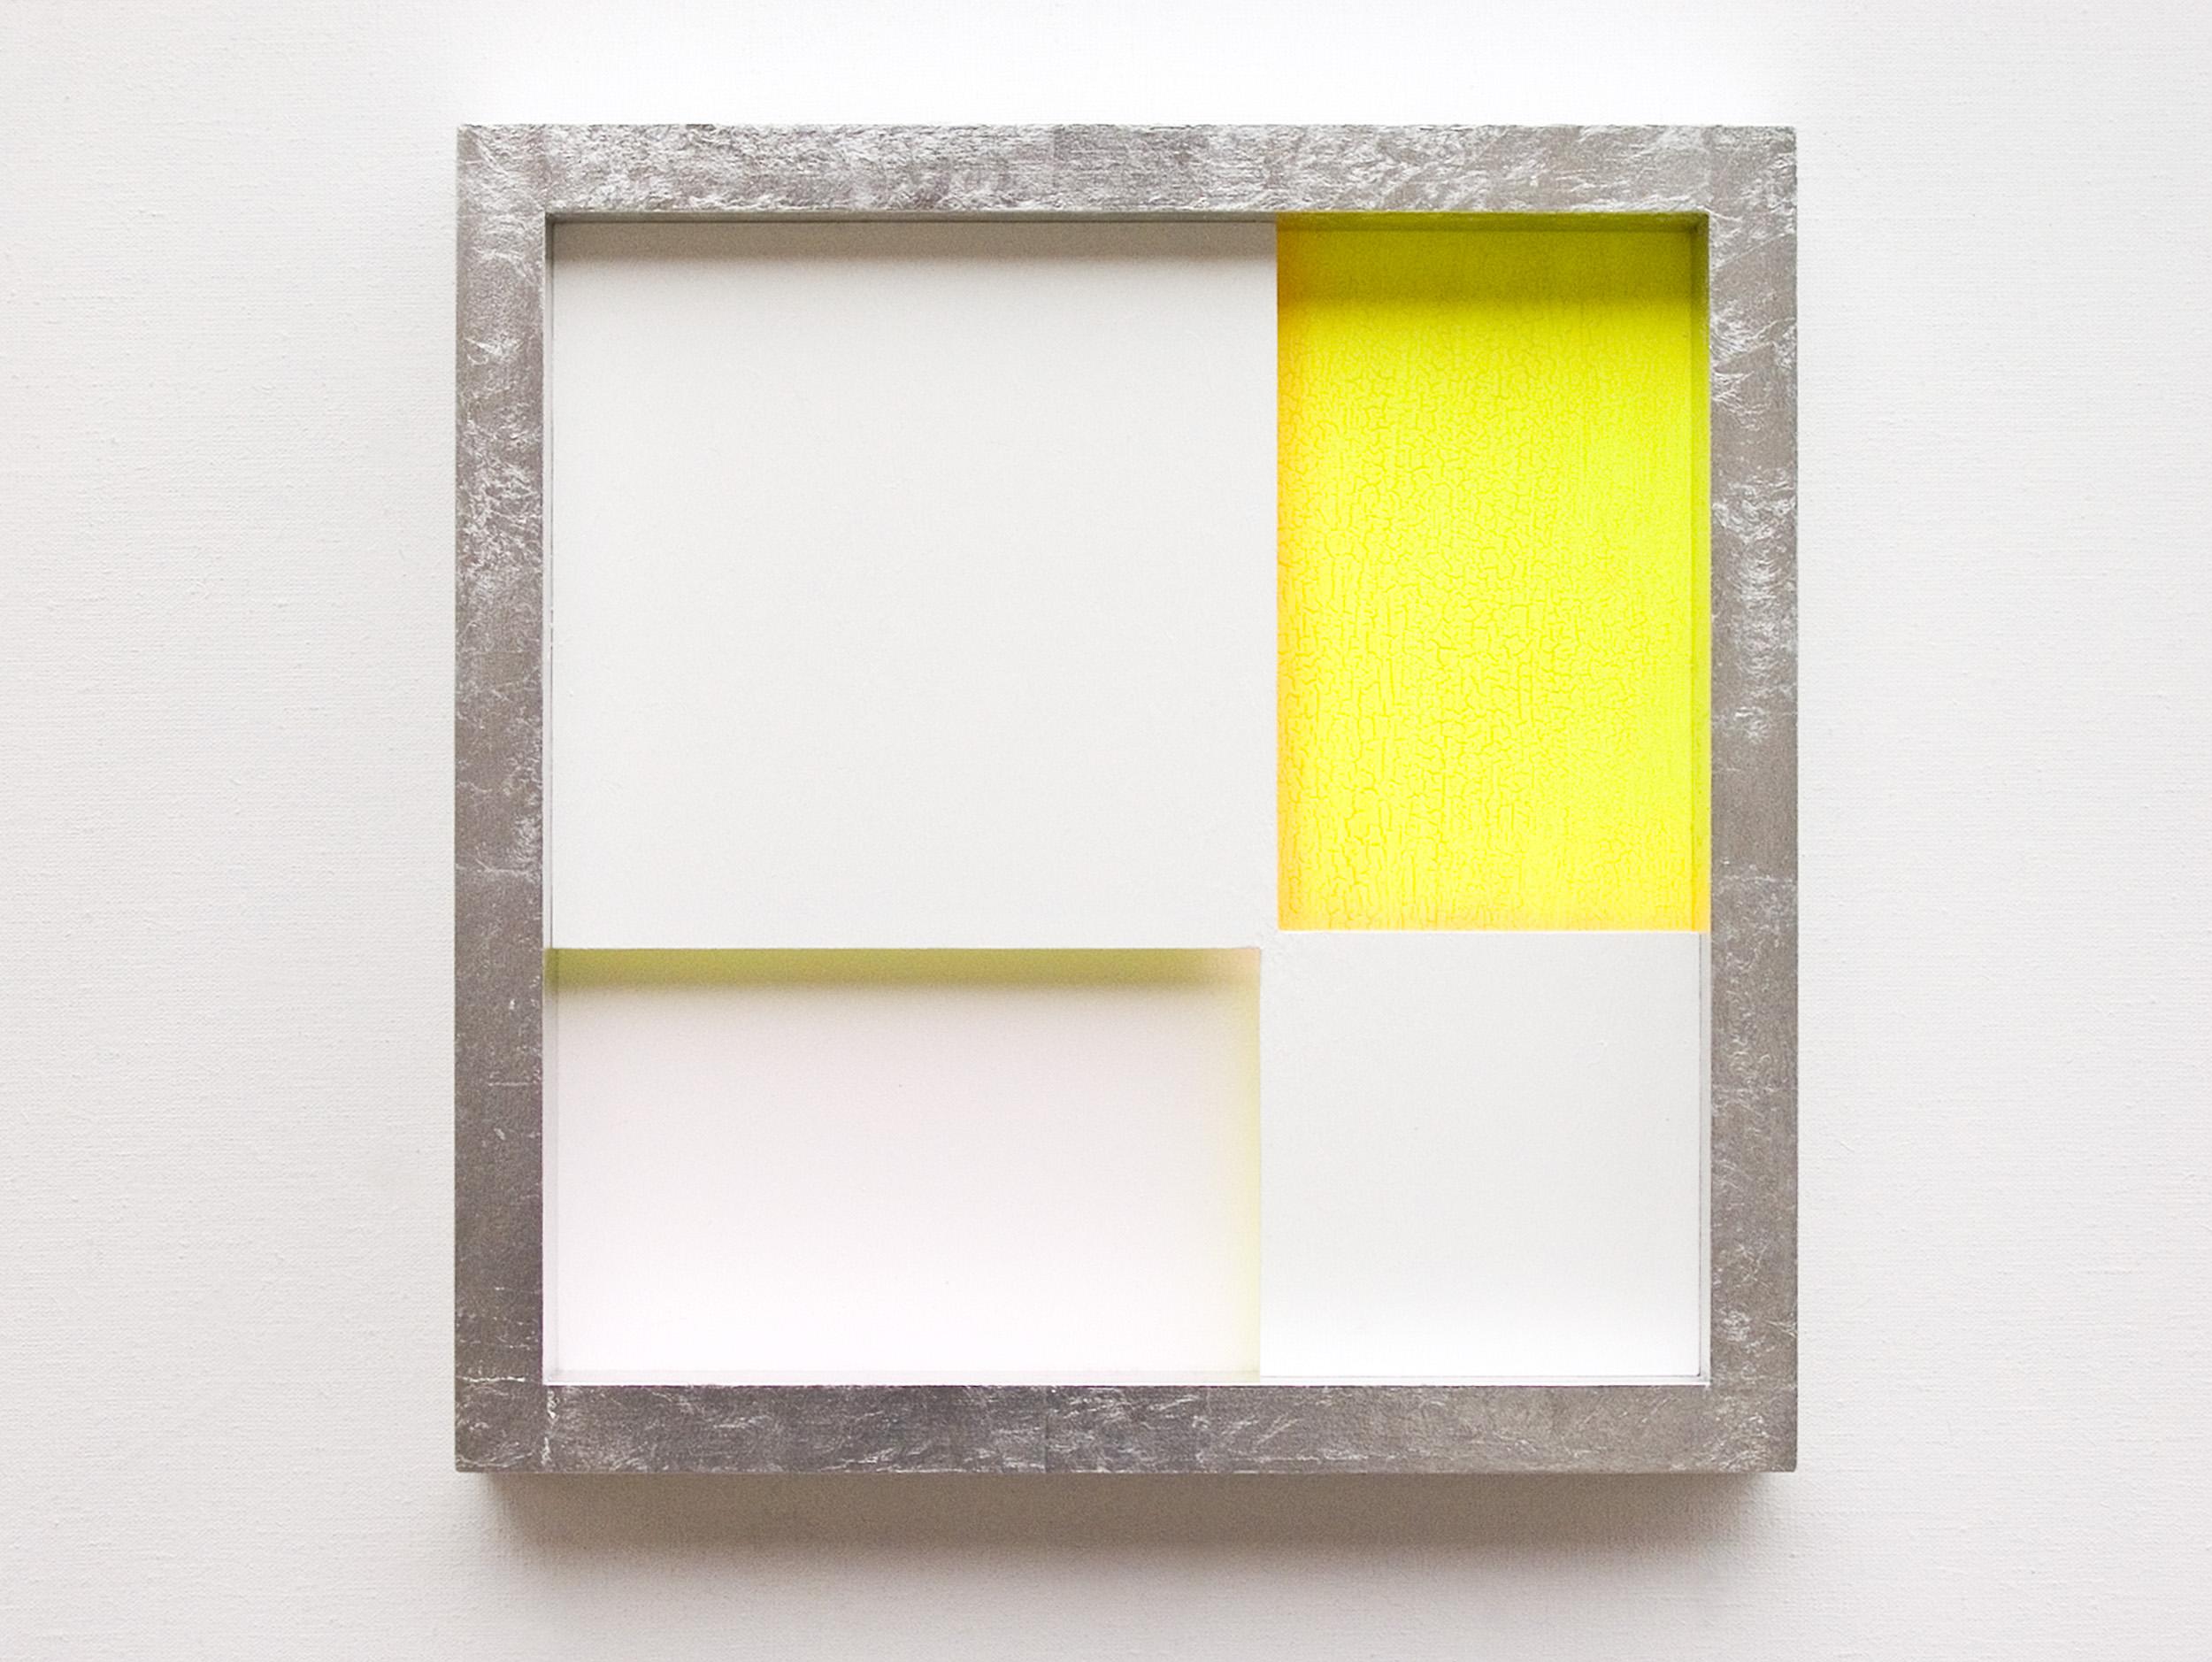 akril, les, aluminij, 42 x 42 cm, 2005